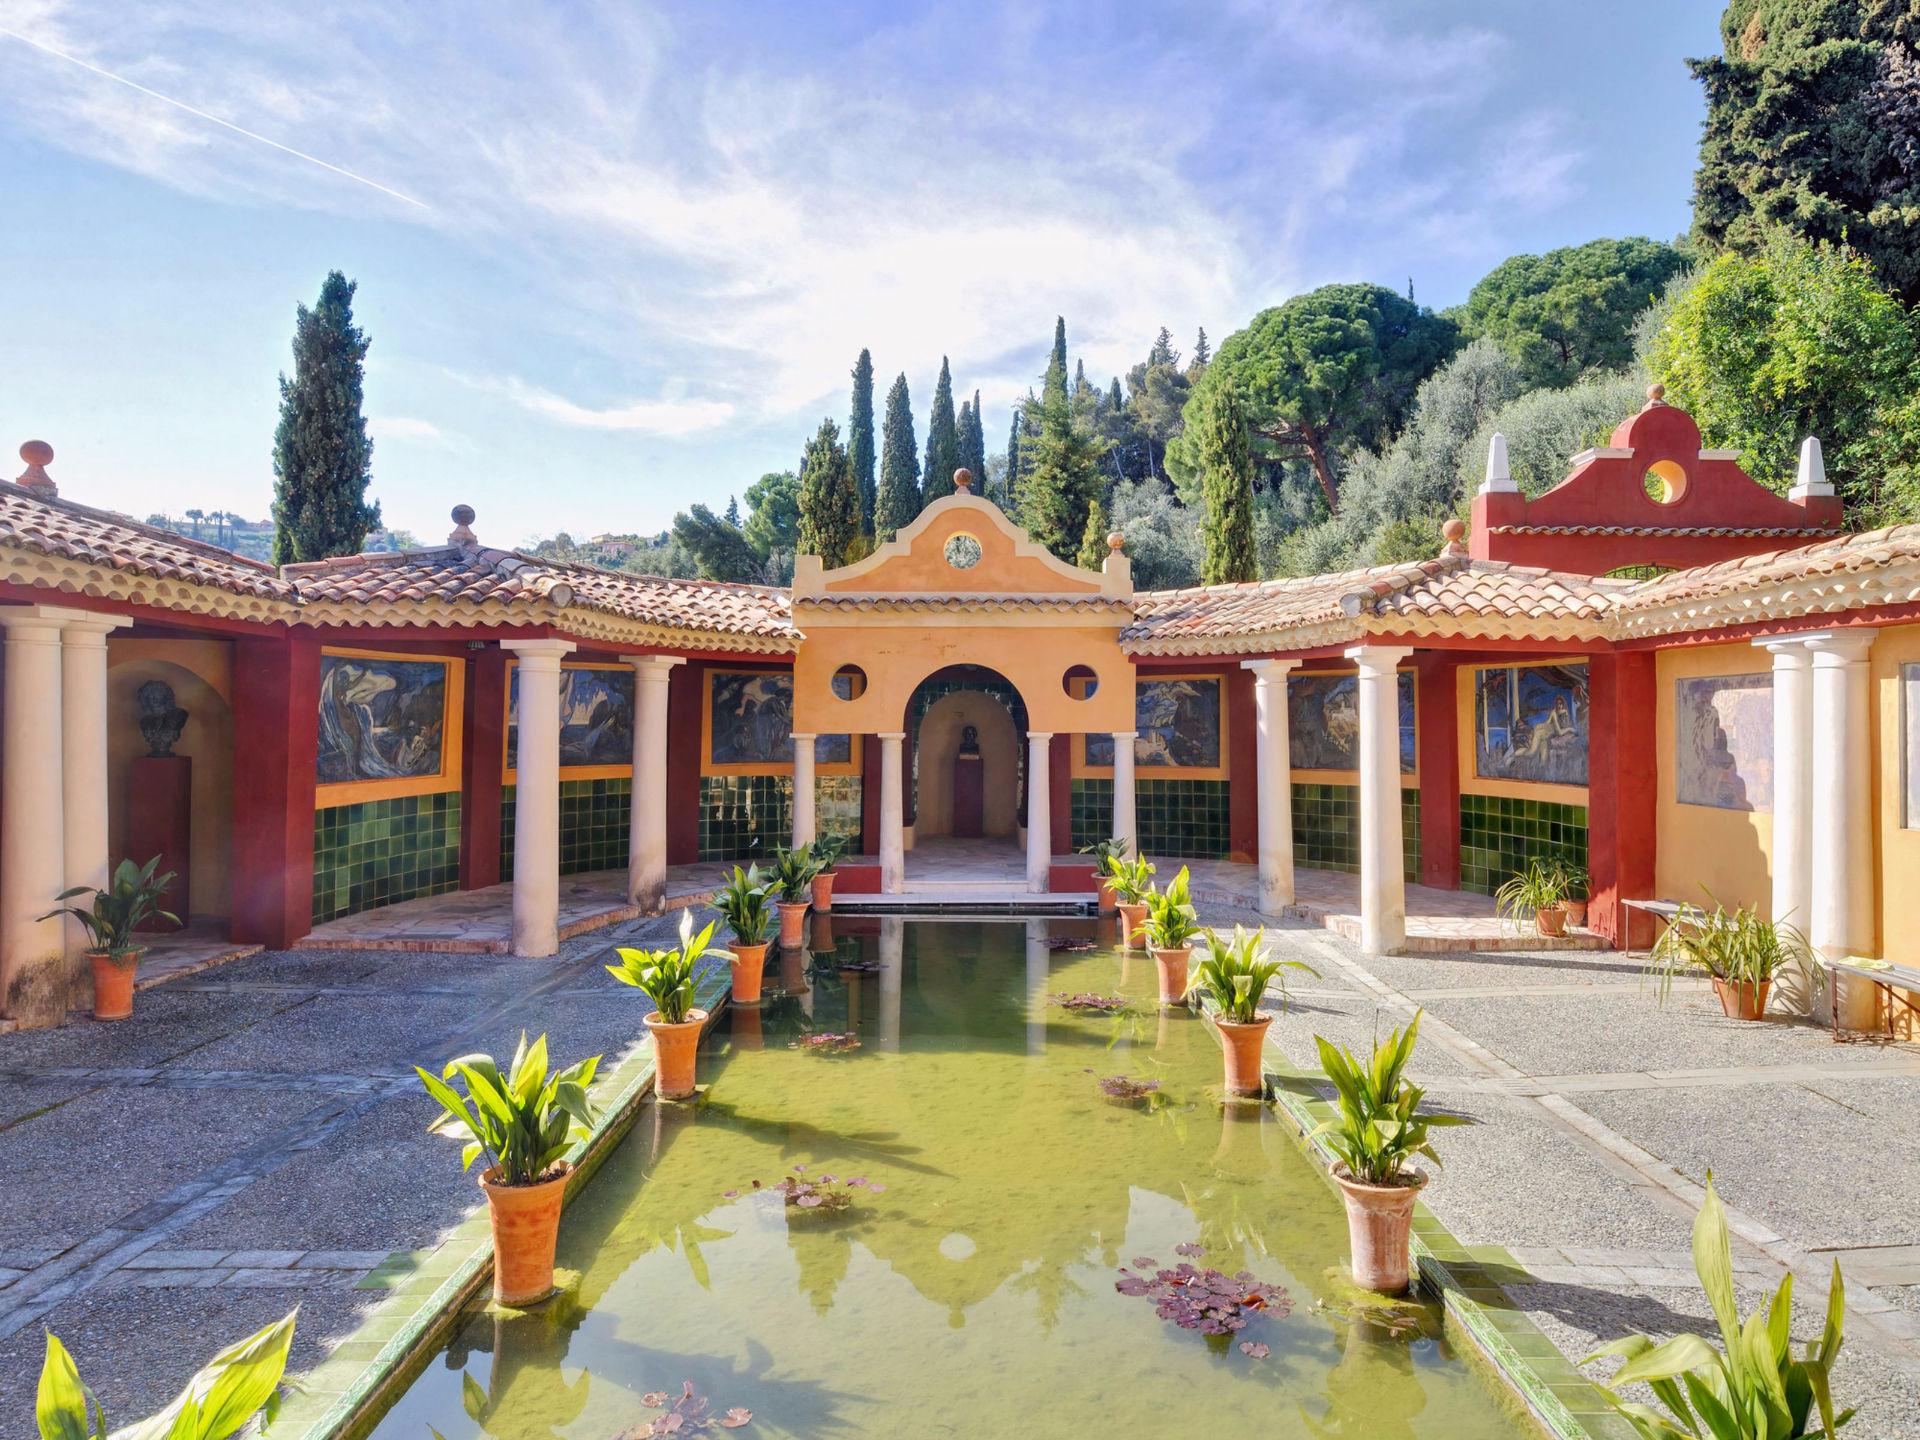 Property For Sale at Sumptuous florentine villa